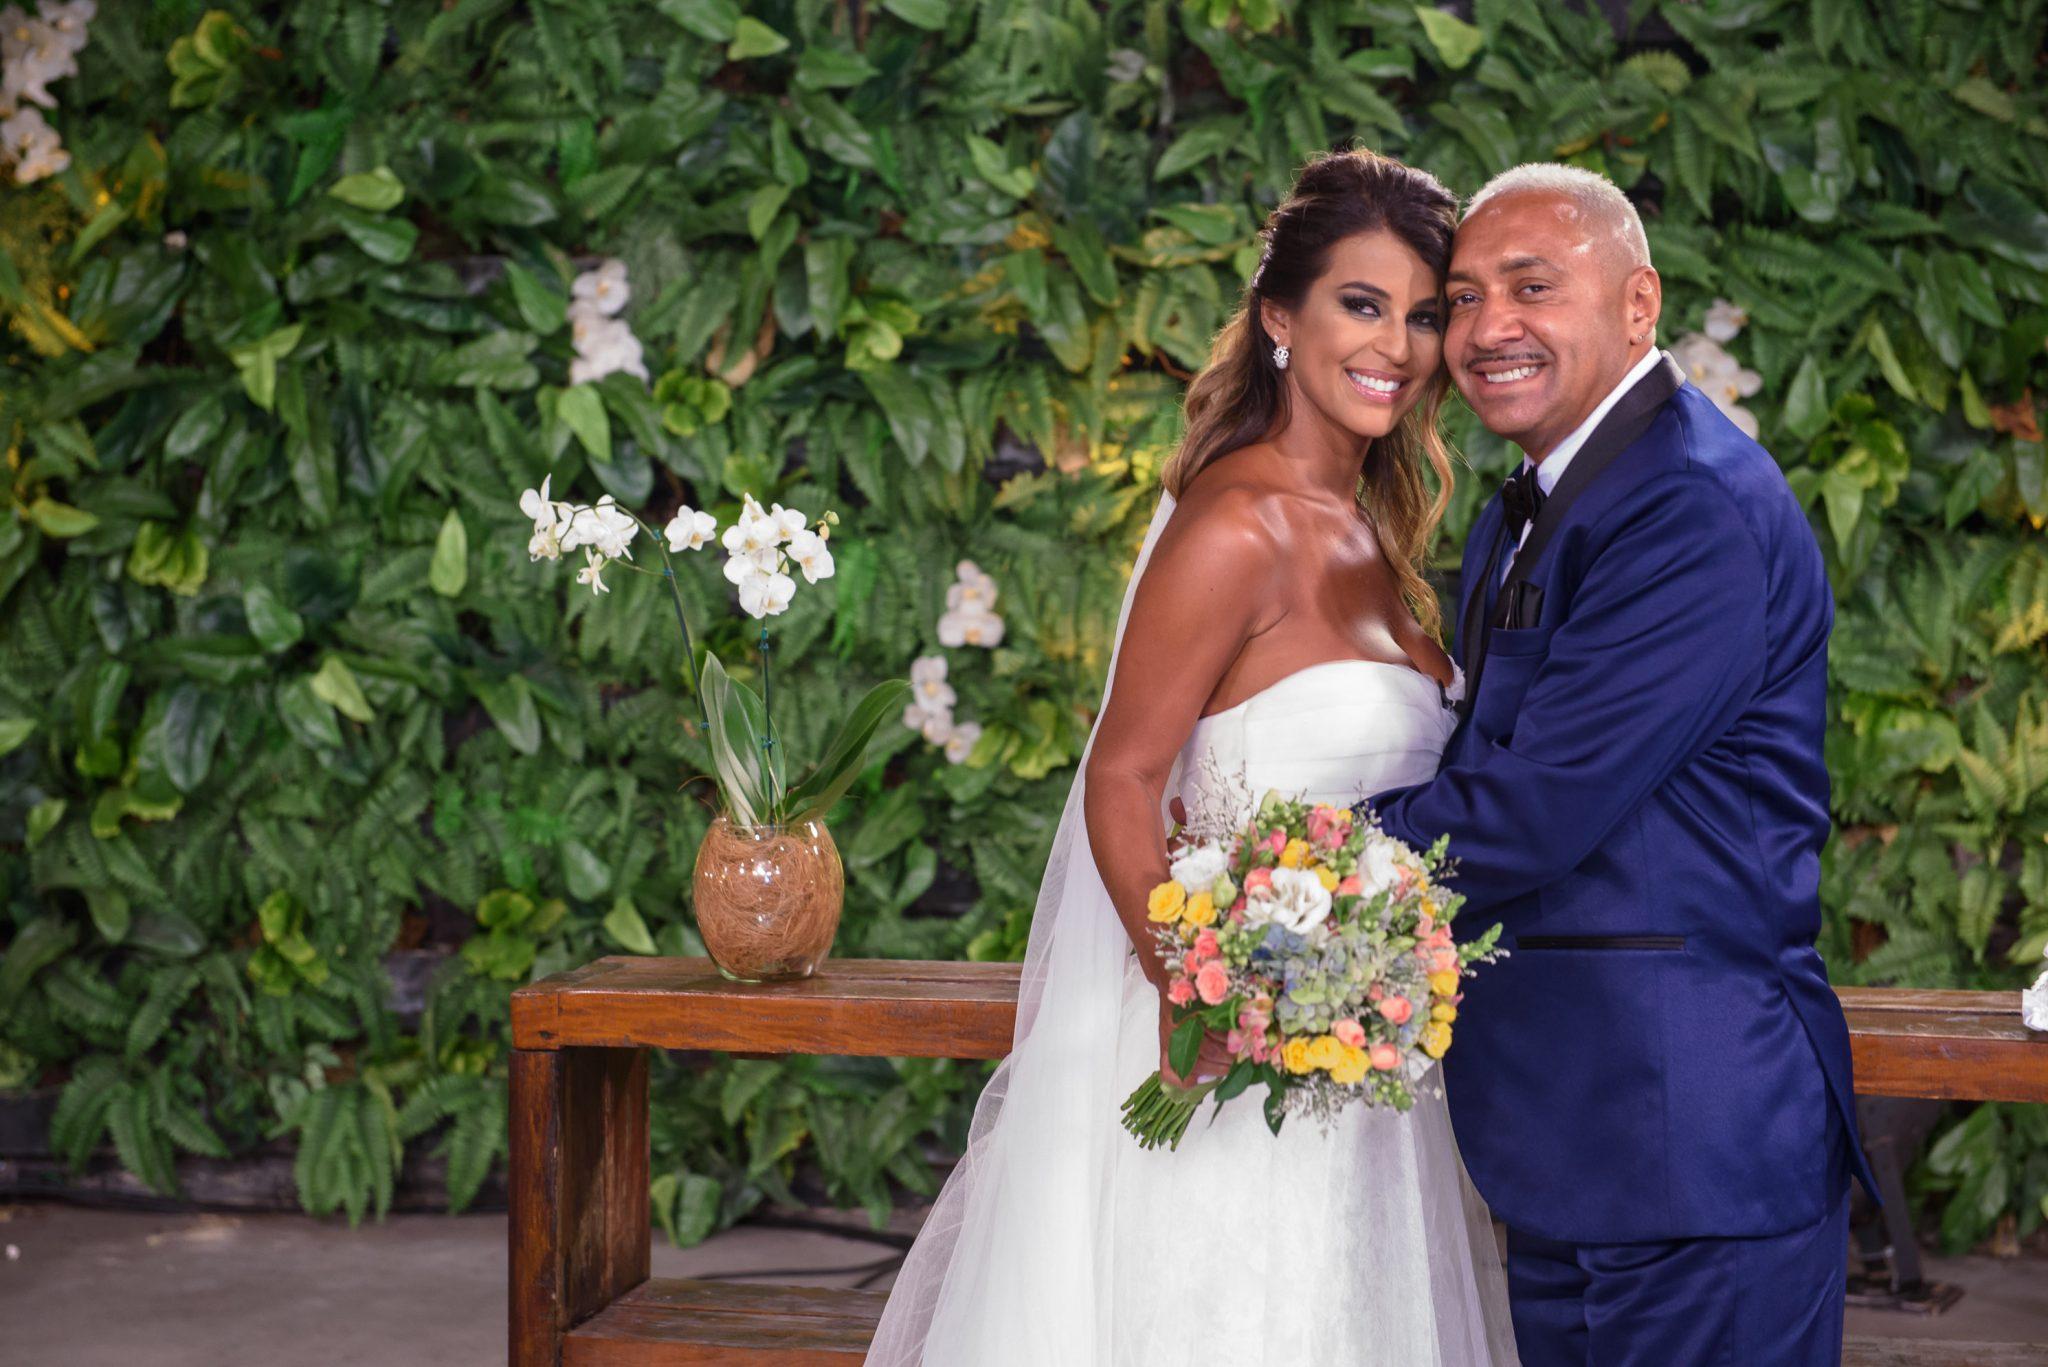 Nana e Tiririca casamento SBT